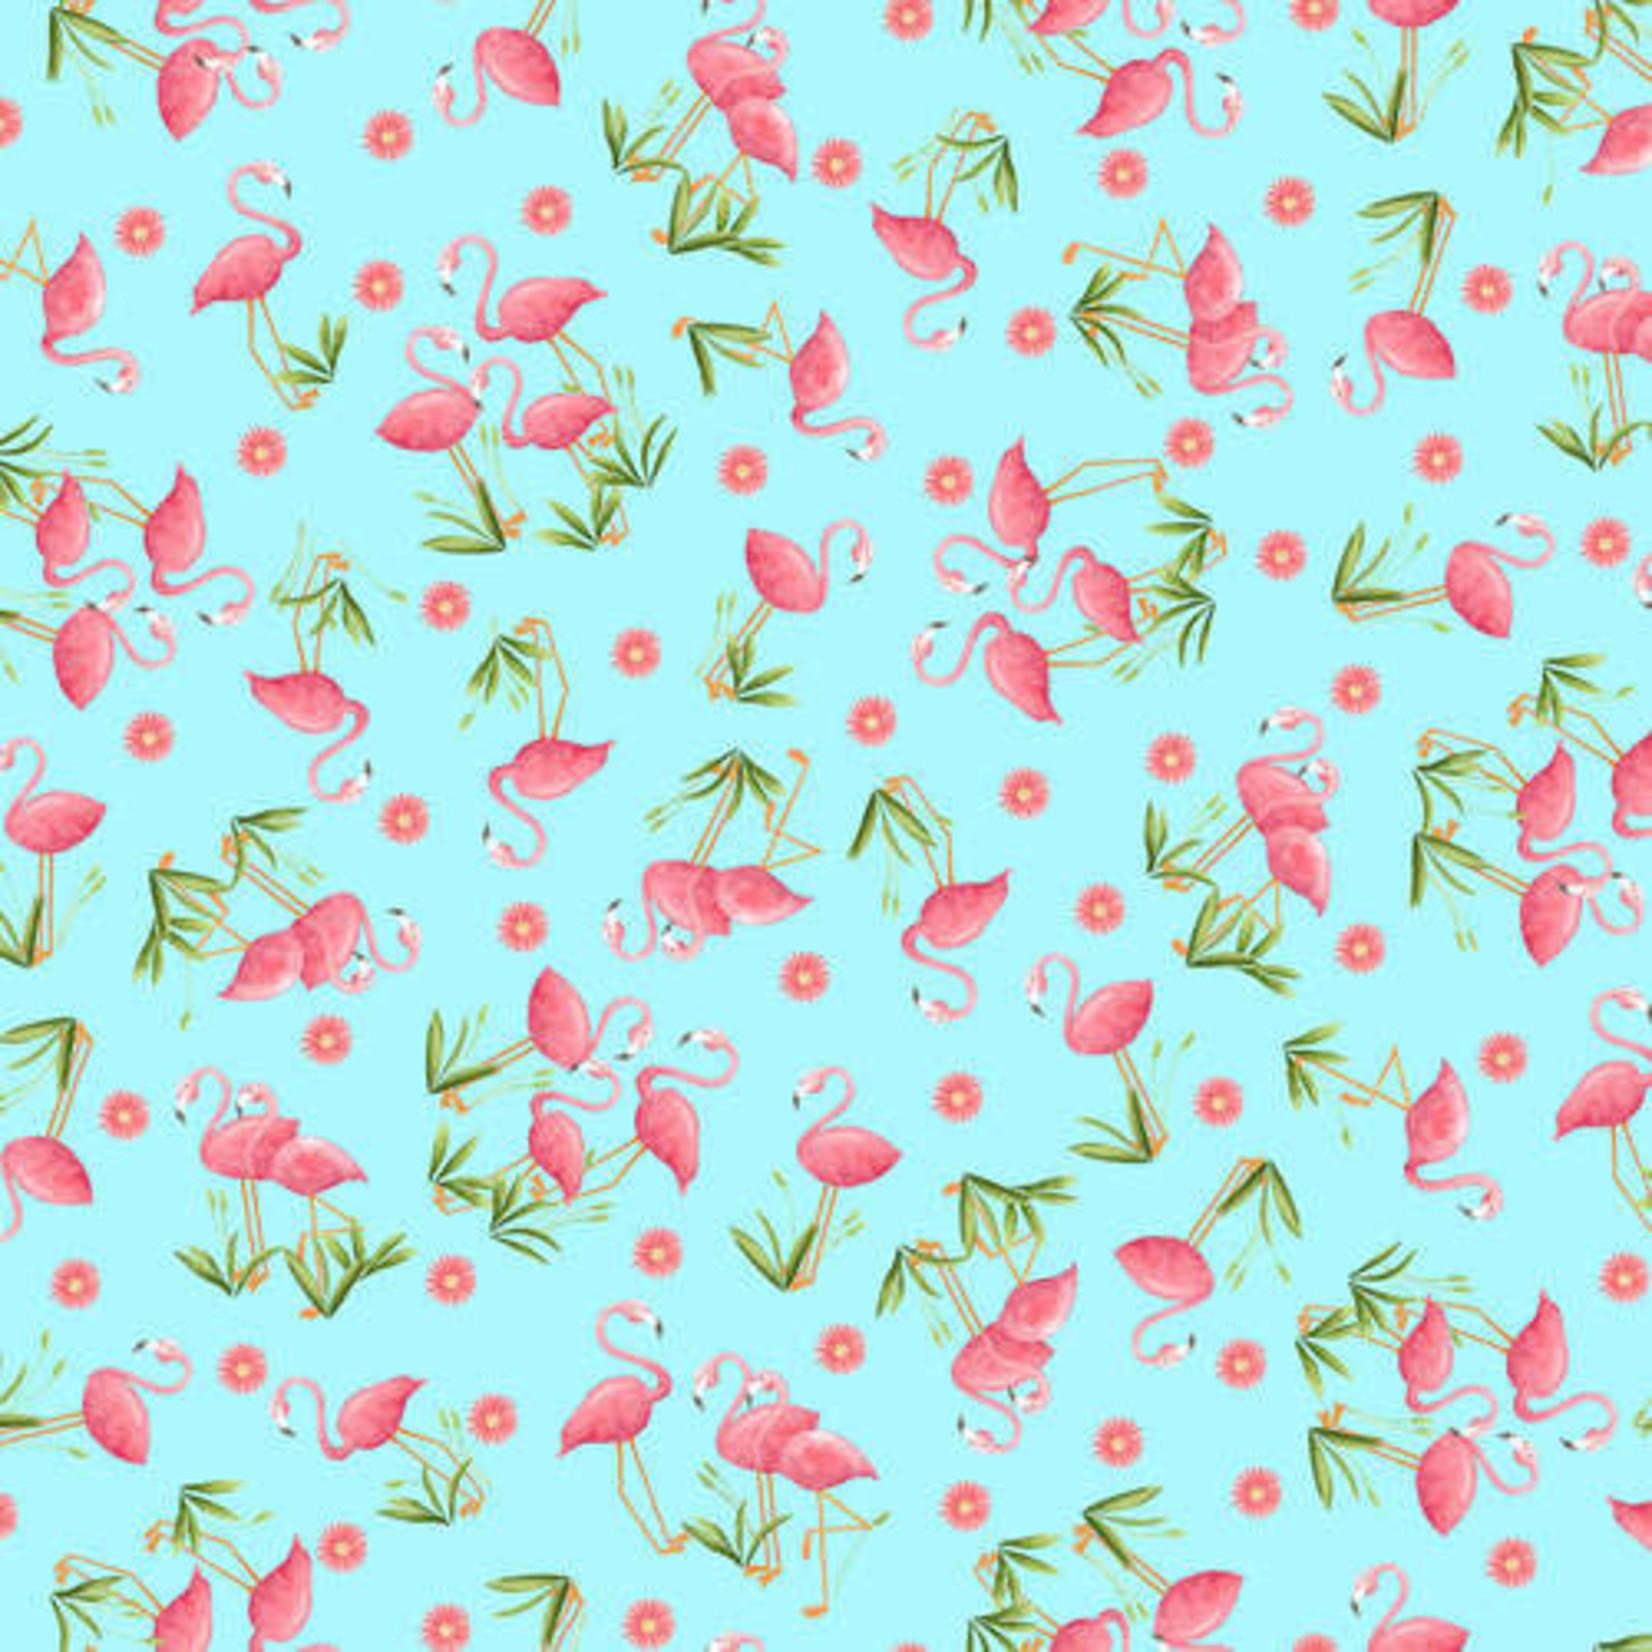 Blank Quilting Let's Flamingle - Aqua